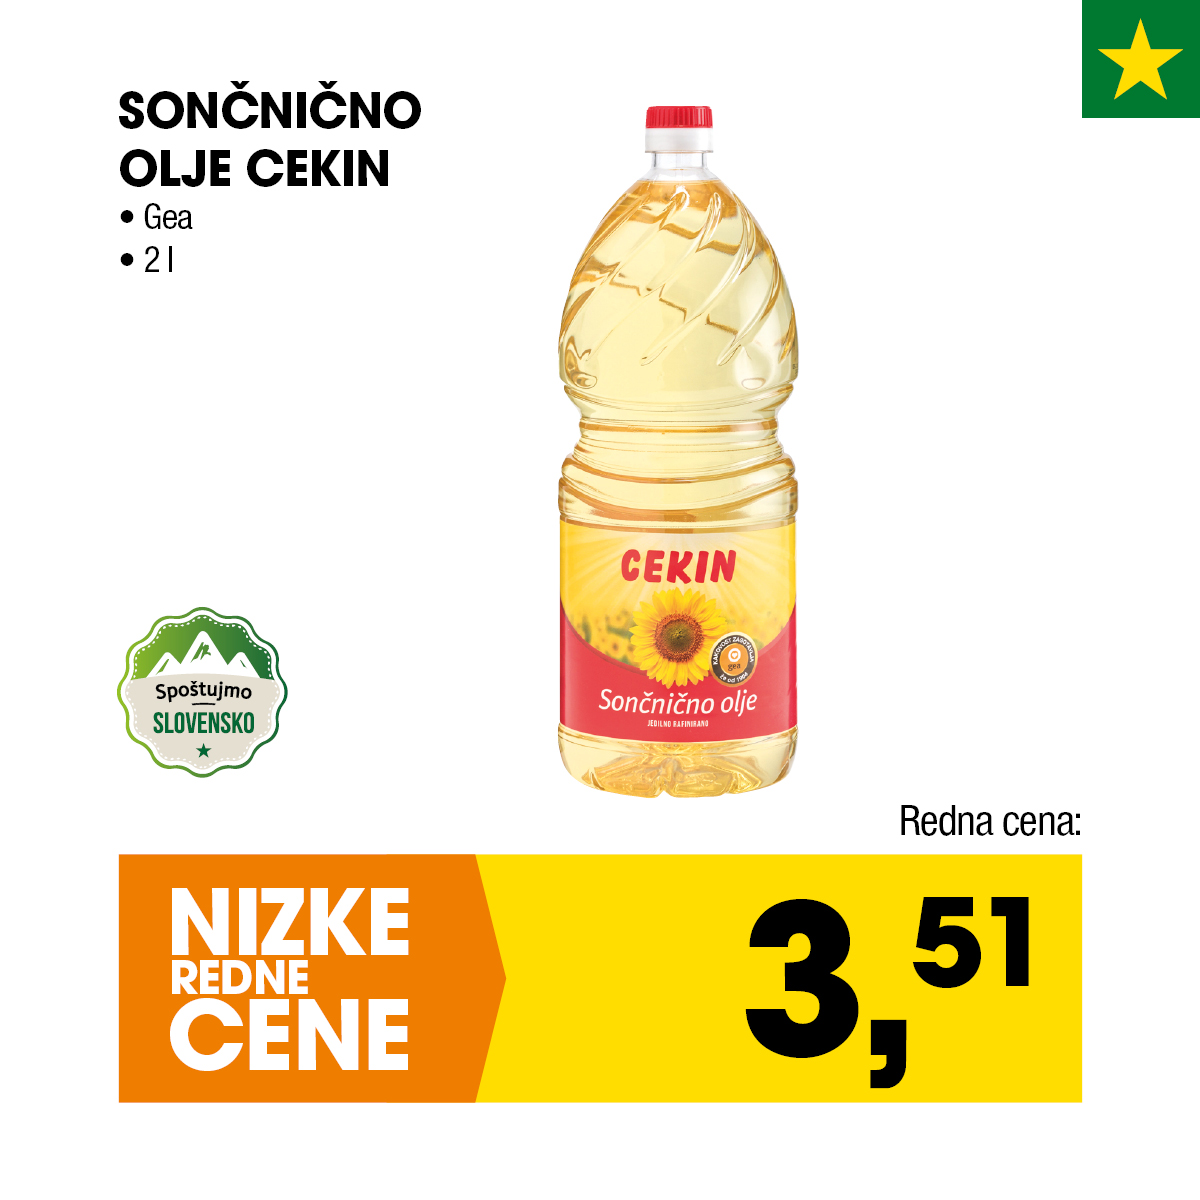 Nizke cene - Sončnično olje Cekin